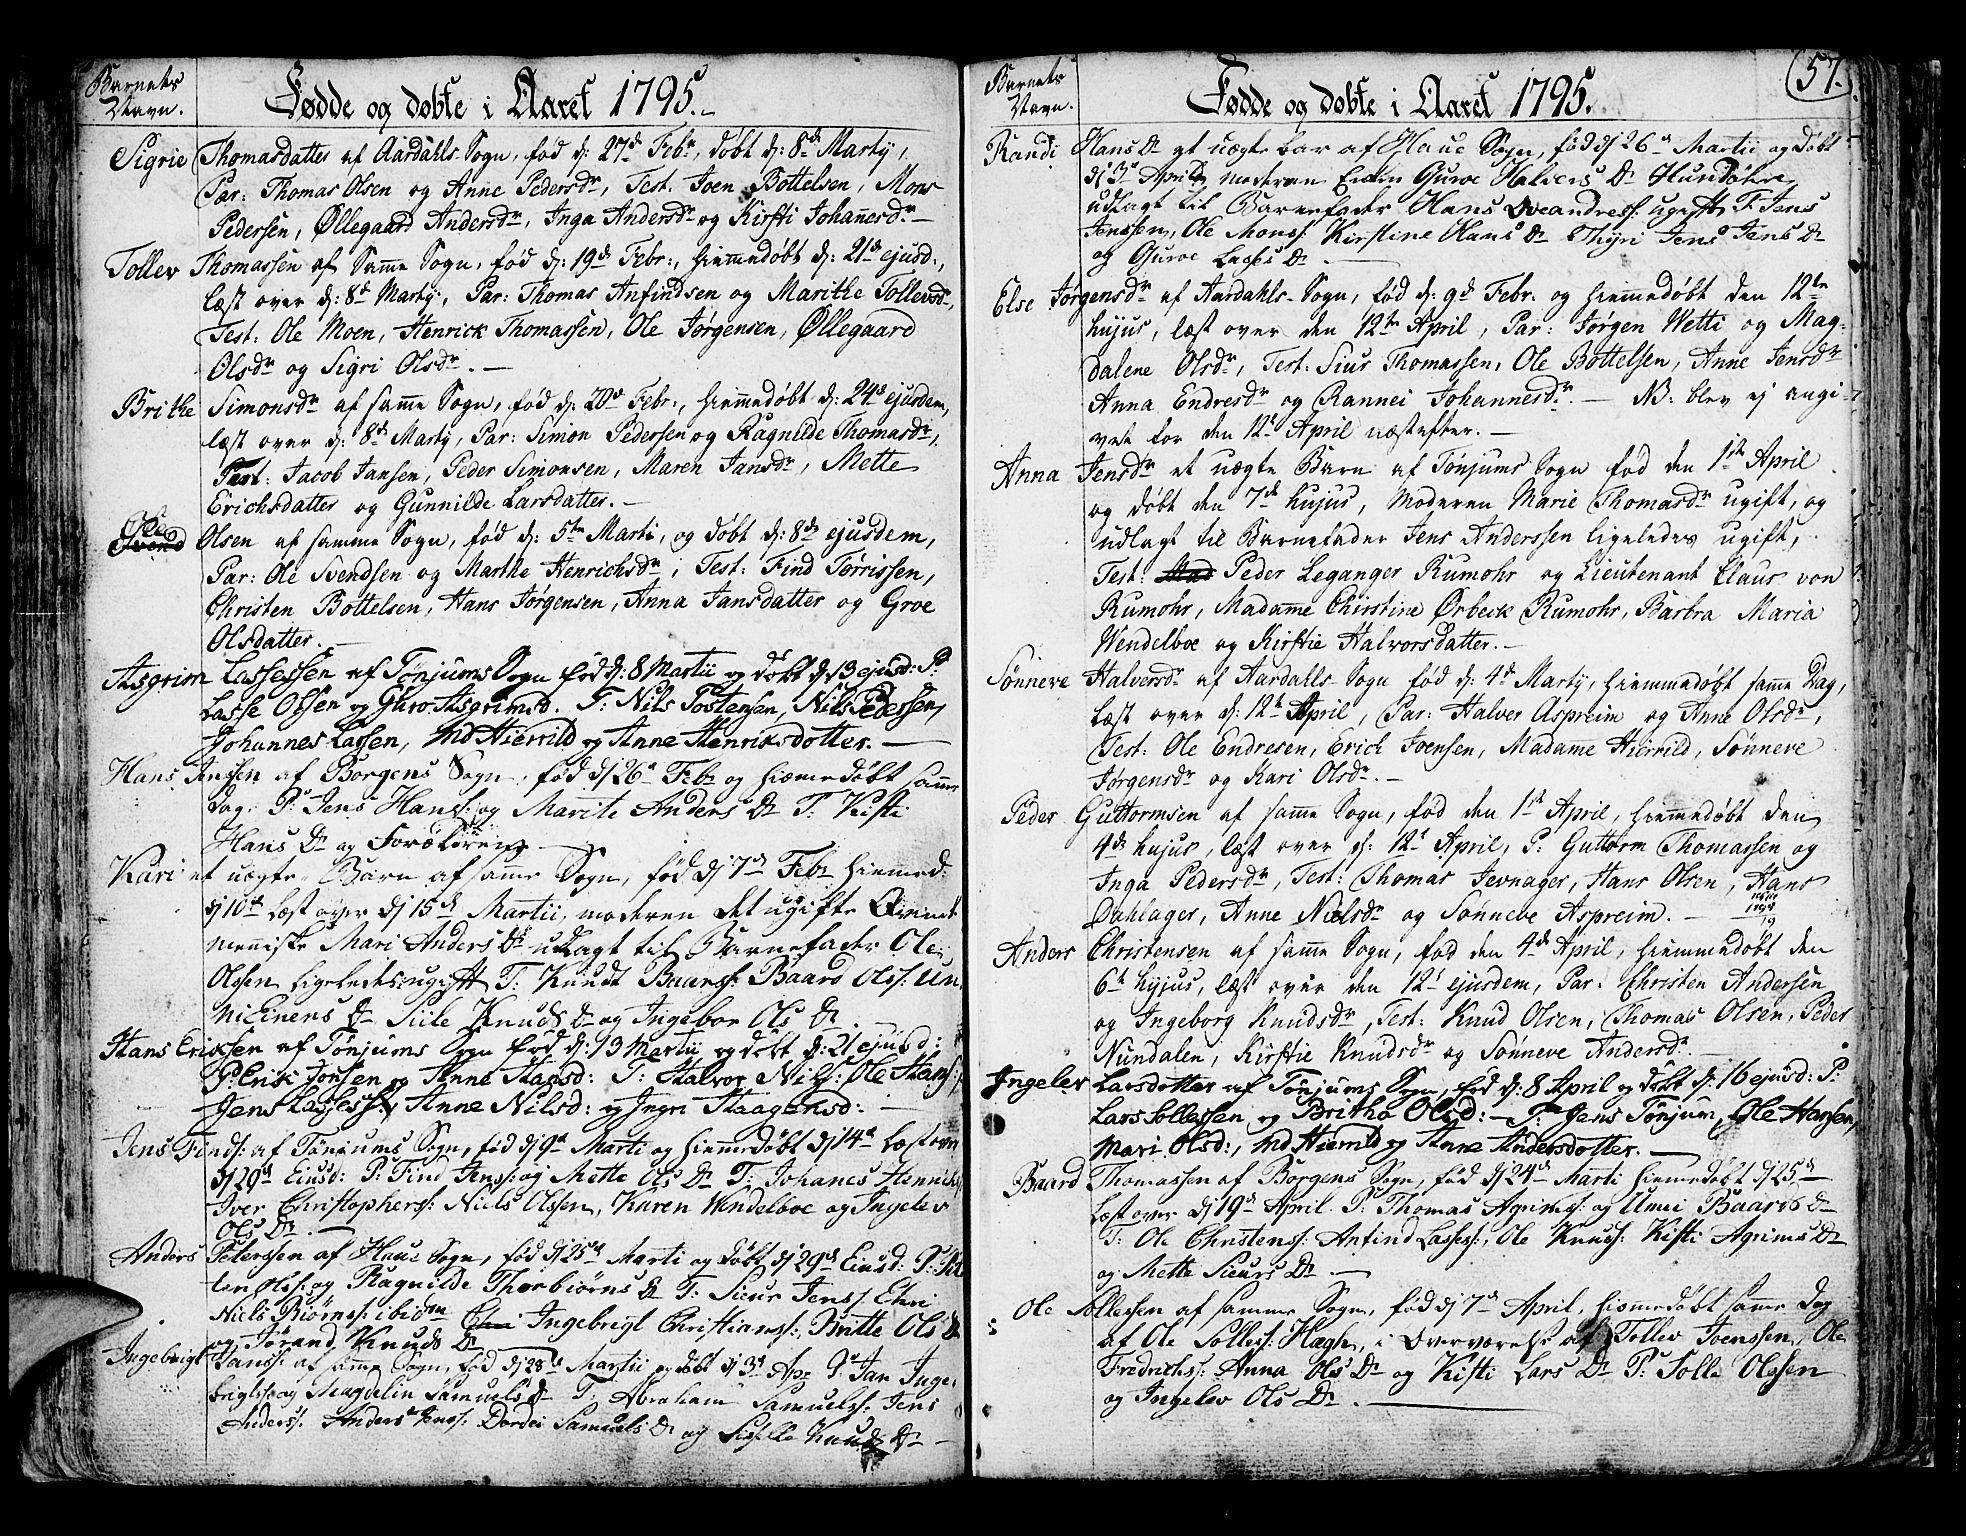 SAB, Lærdal sokneprestembete, Ministerialbok nr. A 3, 1783-1804, s. 57